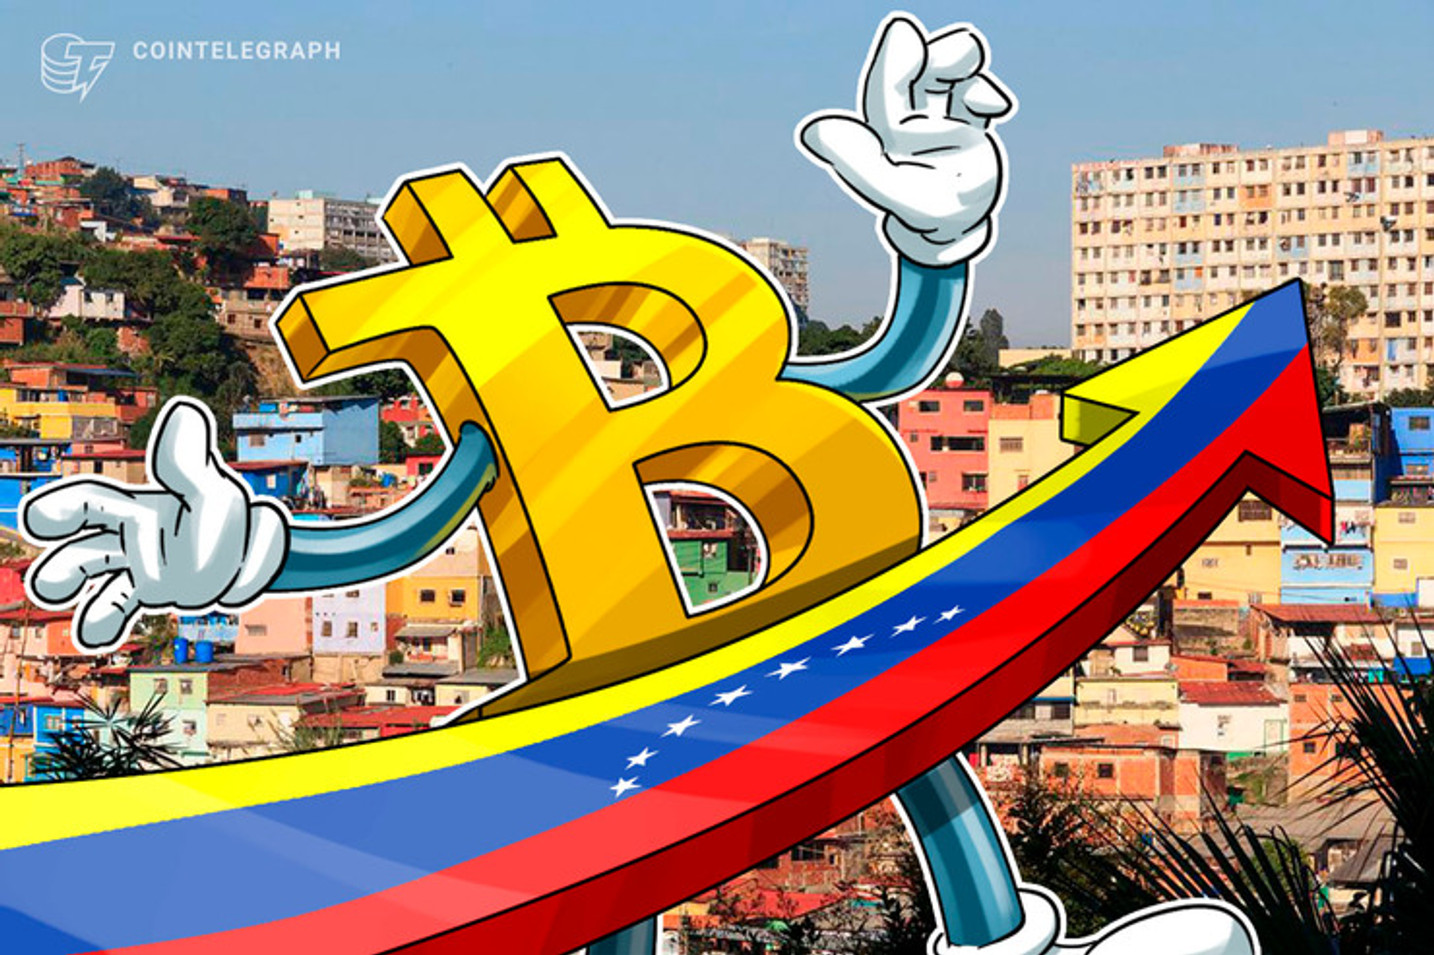 Venezuela es líder en América Latina en volumen de Bitcoin y en tráfico hacia plataformas P2P según Google Trends